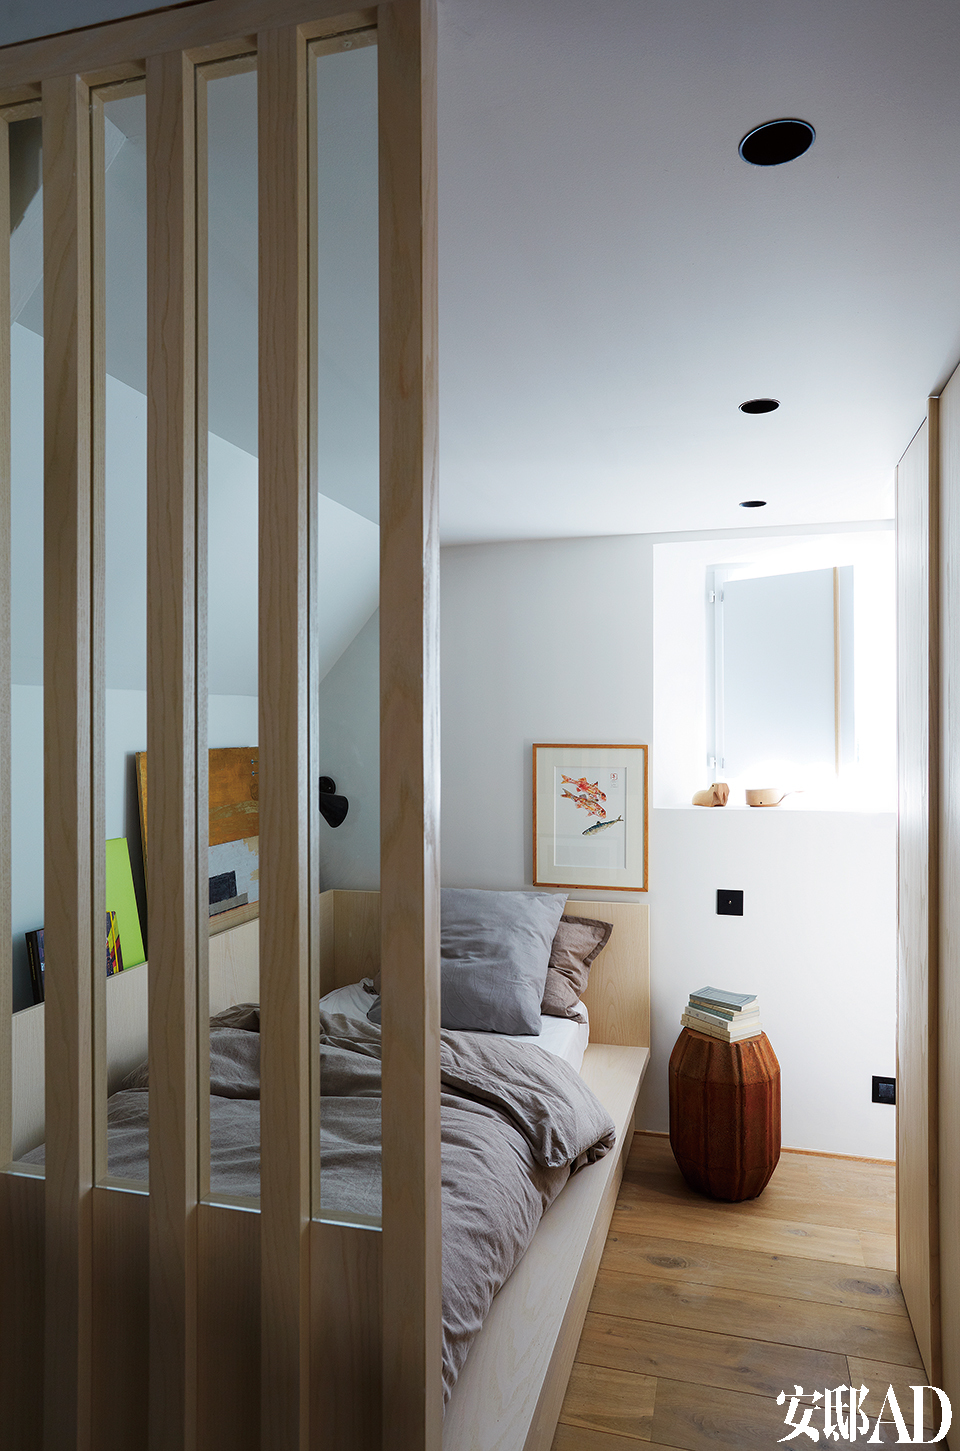 粗革表面的凳子充当了客房中的床头柜,定做的单人床也采用了漂白的白蜡木,床上用品来自Caravane。